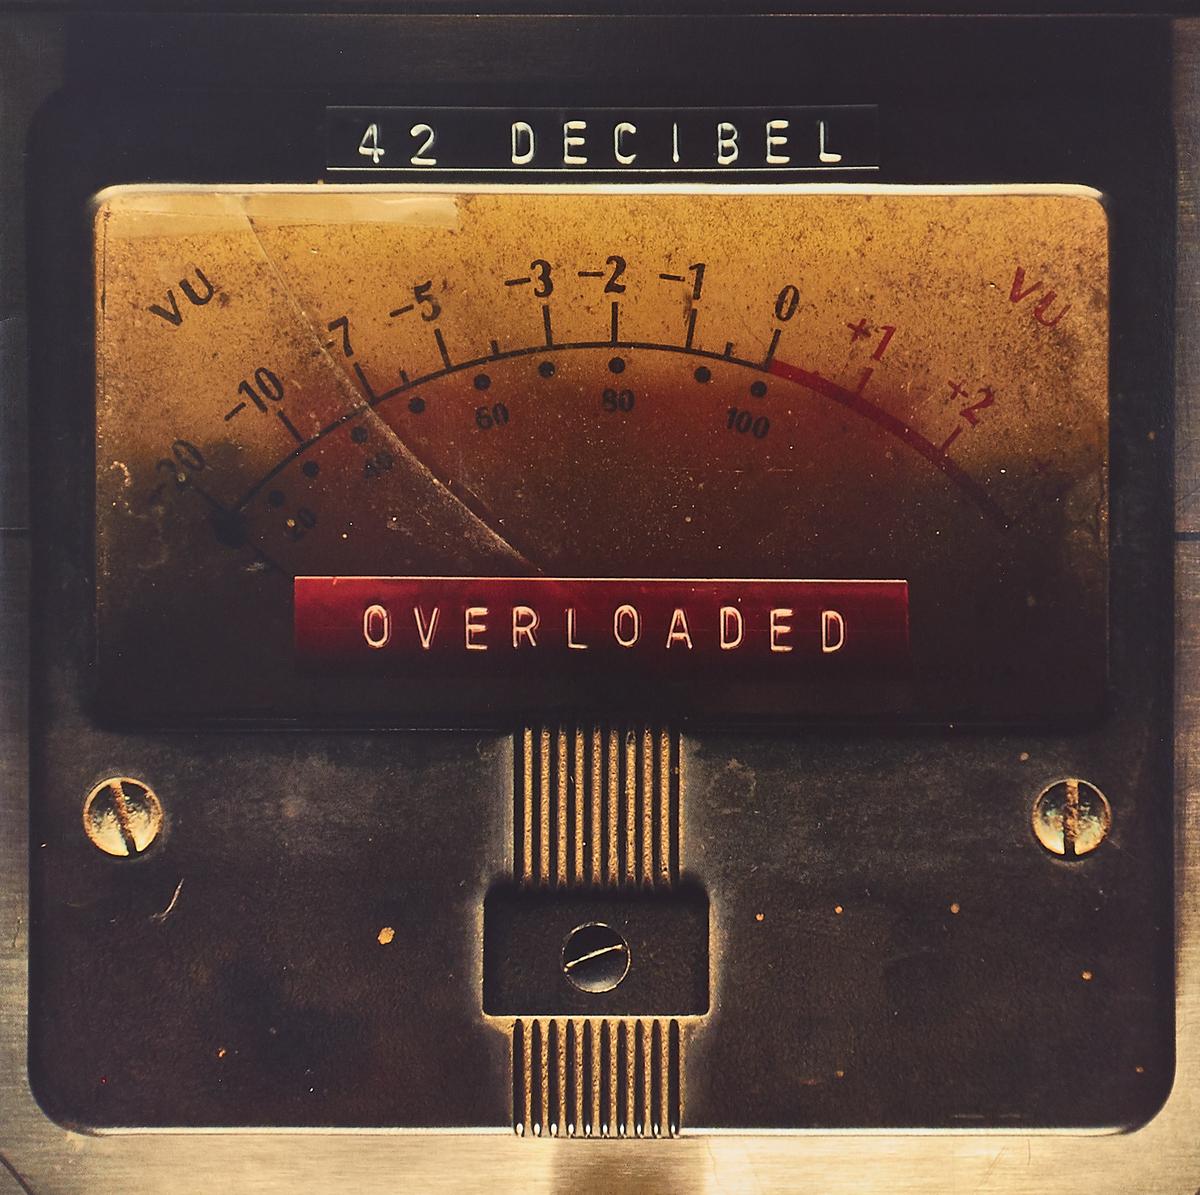 42 Decibel 42 Decibel. Overloaded (LP + CD) mp3 плеер fiio x3 iii black